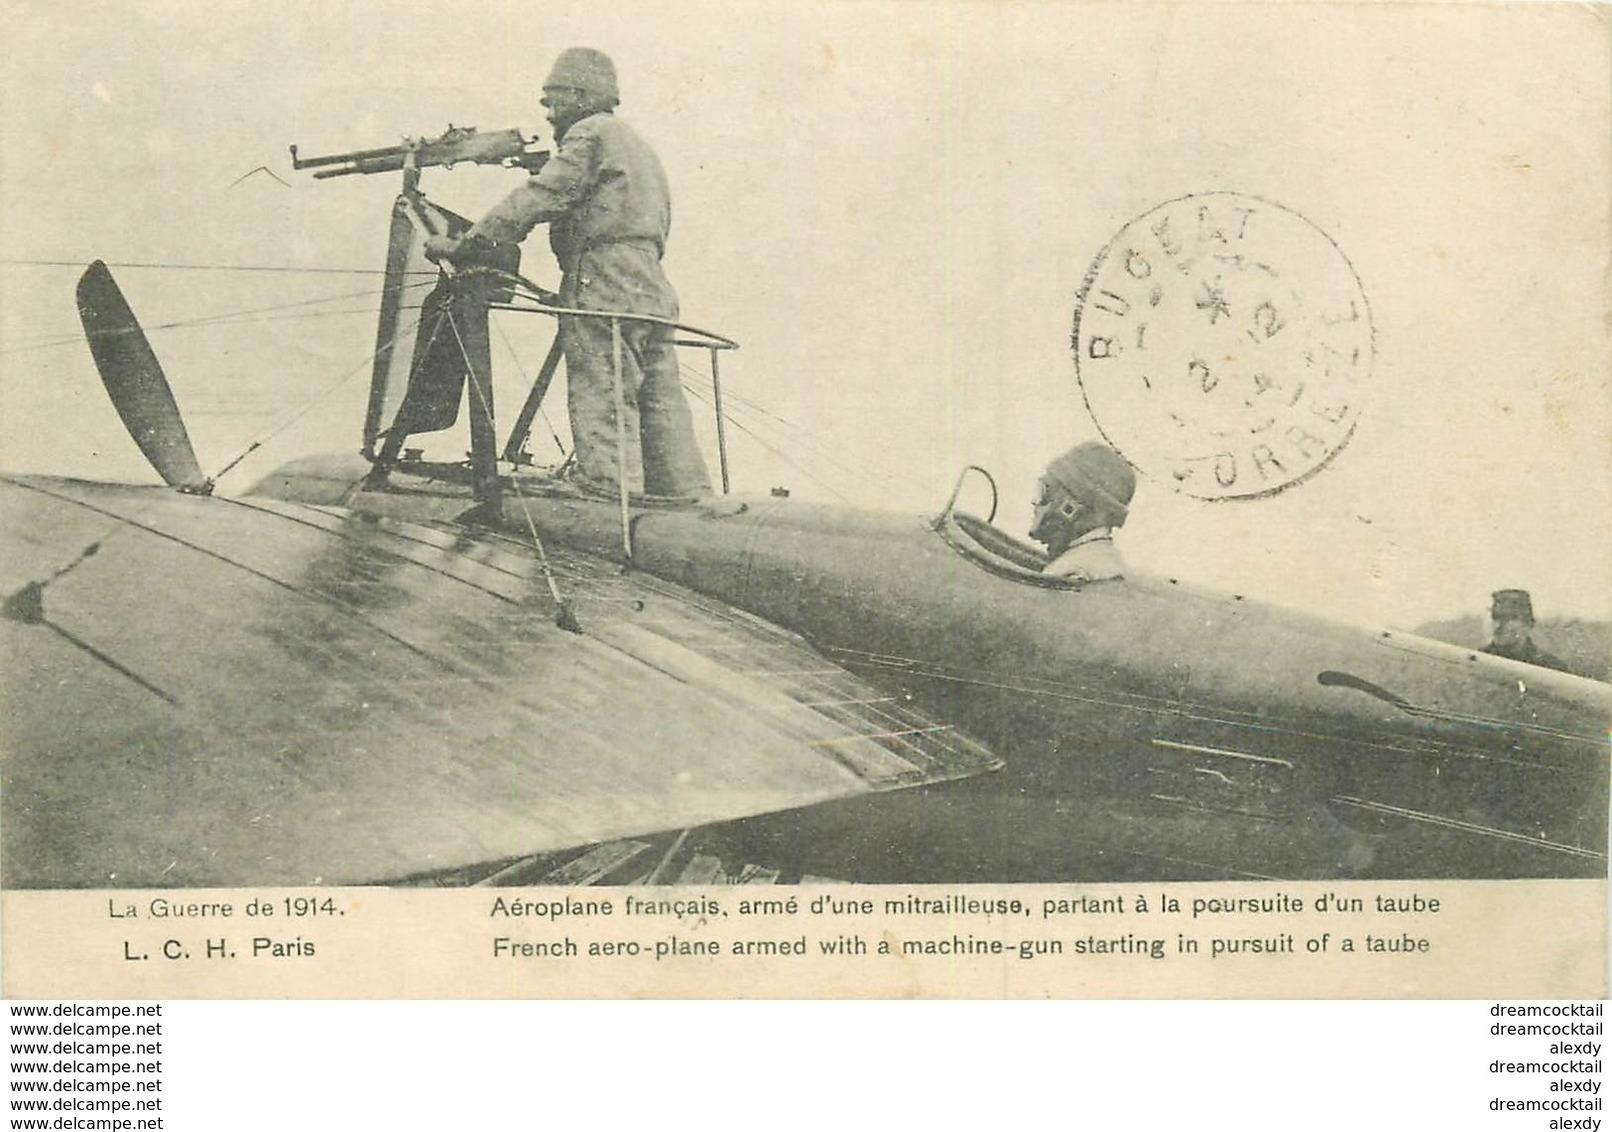 WW TRANSPORTS. Aviation Aviateur Aéroplane Aérodrome. Français Armé D'une Mitrailleuse à La Poursuite D'un Taube 1914 - Aviateurs